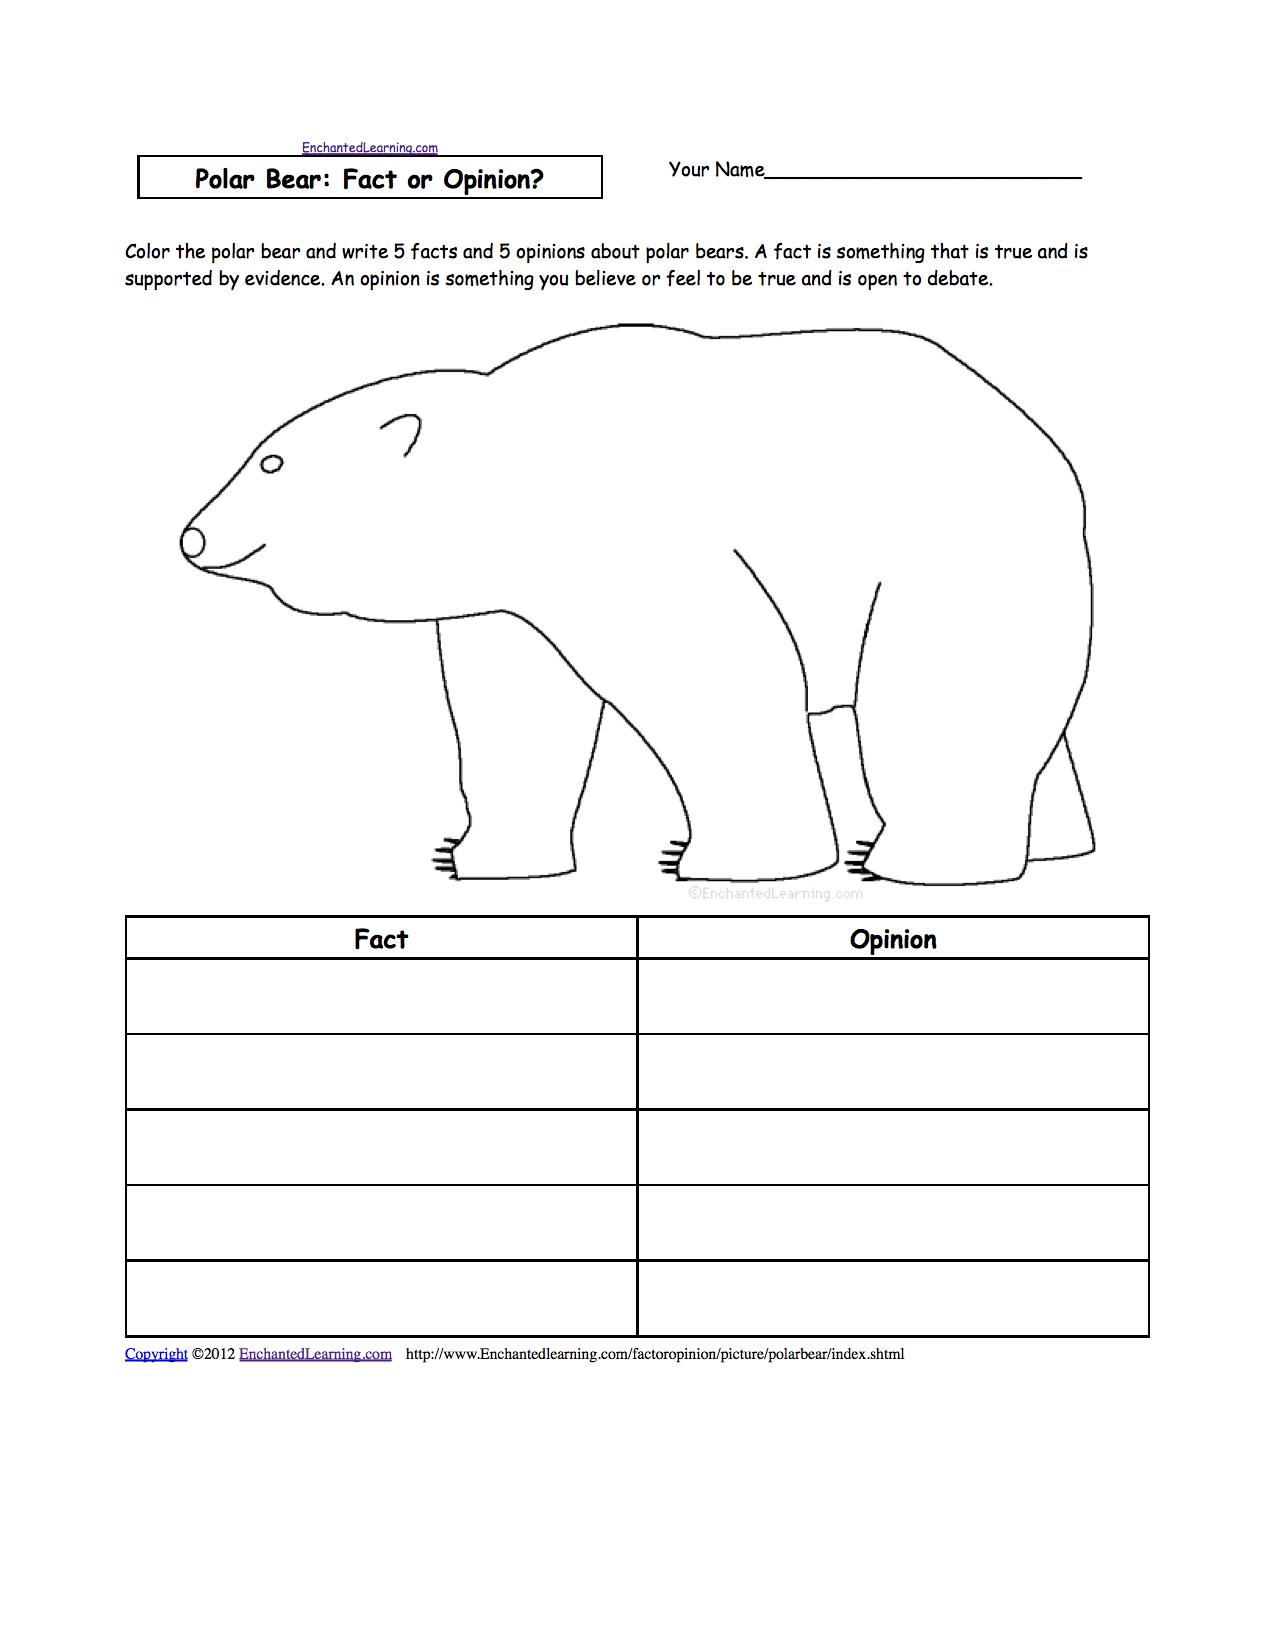 Drawn polar  bear educational Bear: at Bears com Fact